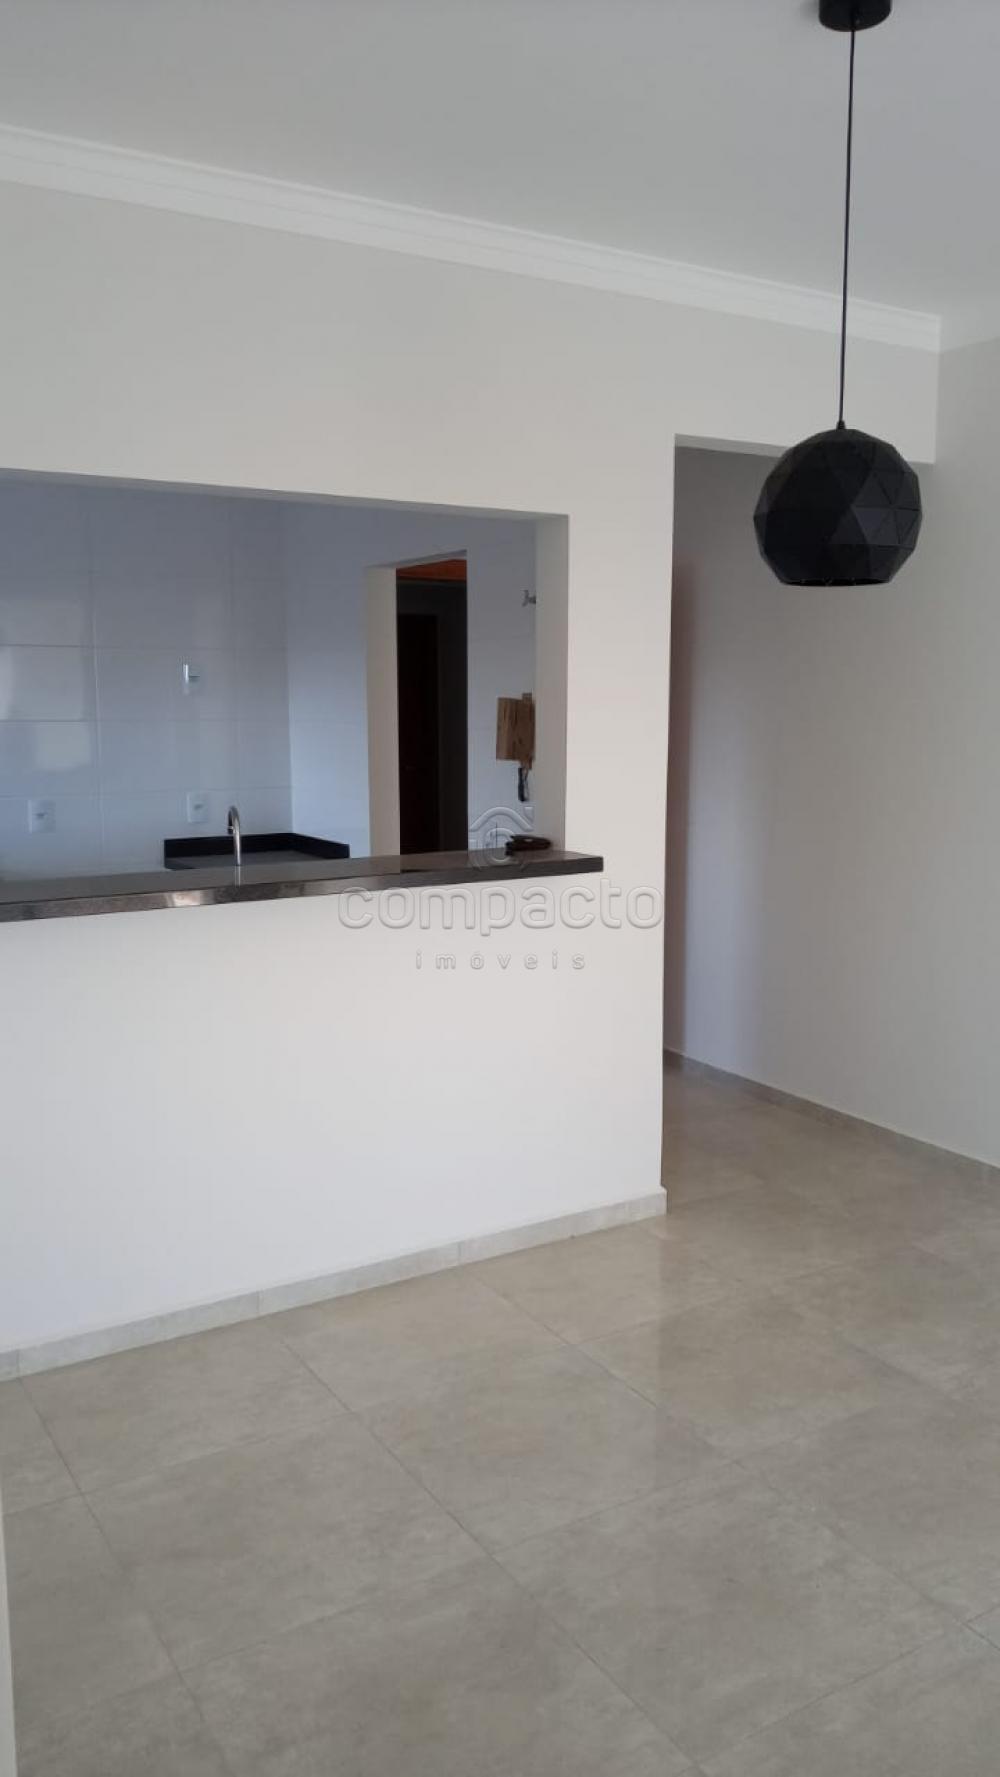 Comprar Apartamento / Padrão em São José do Rio Preto apenas R$ 470.000,00 - Foto 3